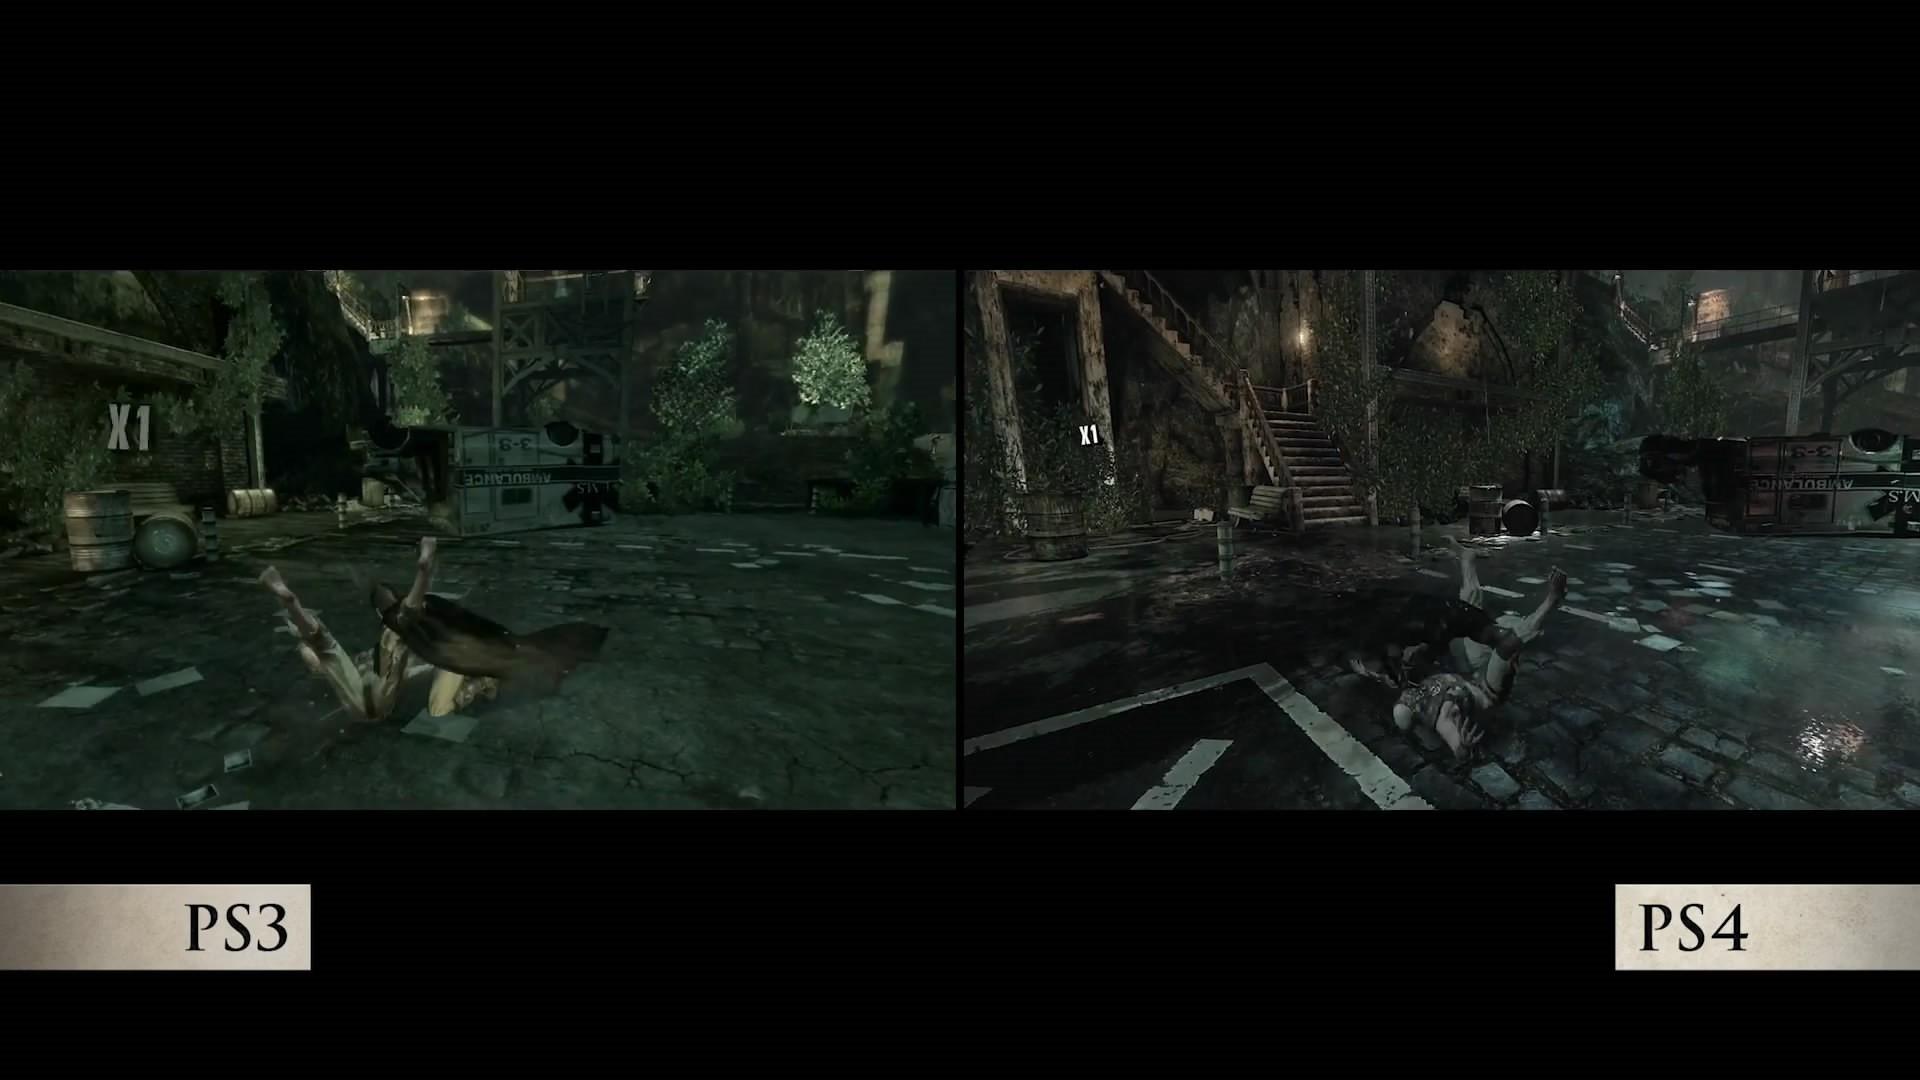 《蝙蝠侠:重返阿卡姆》重制前后画面对比公布